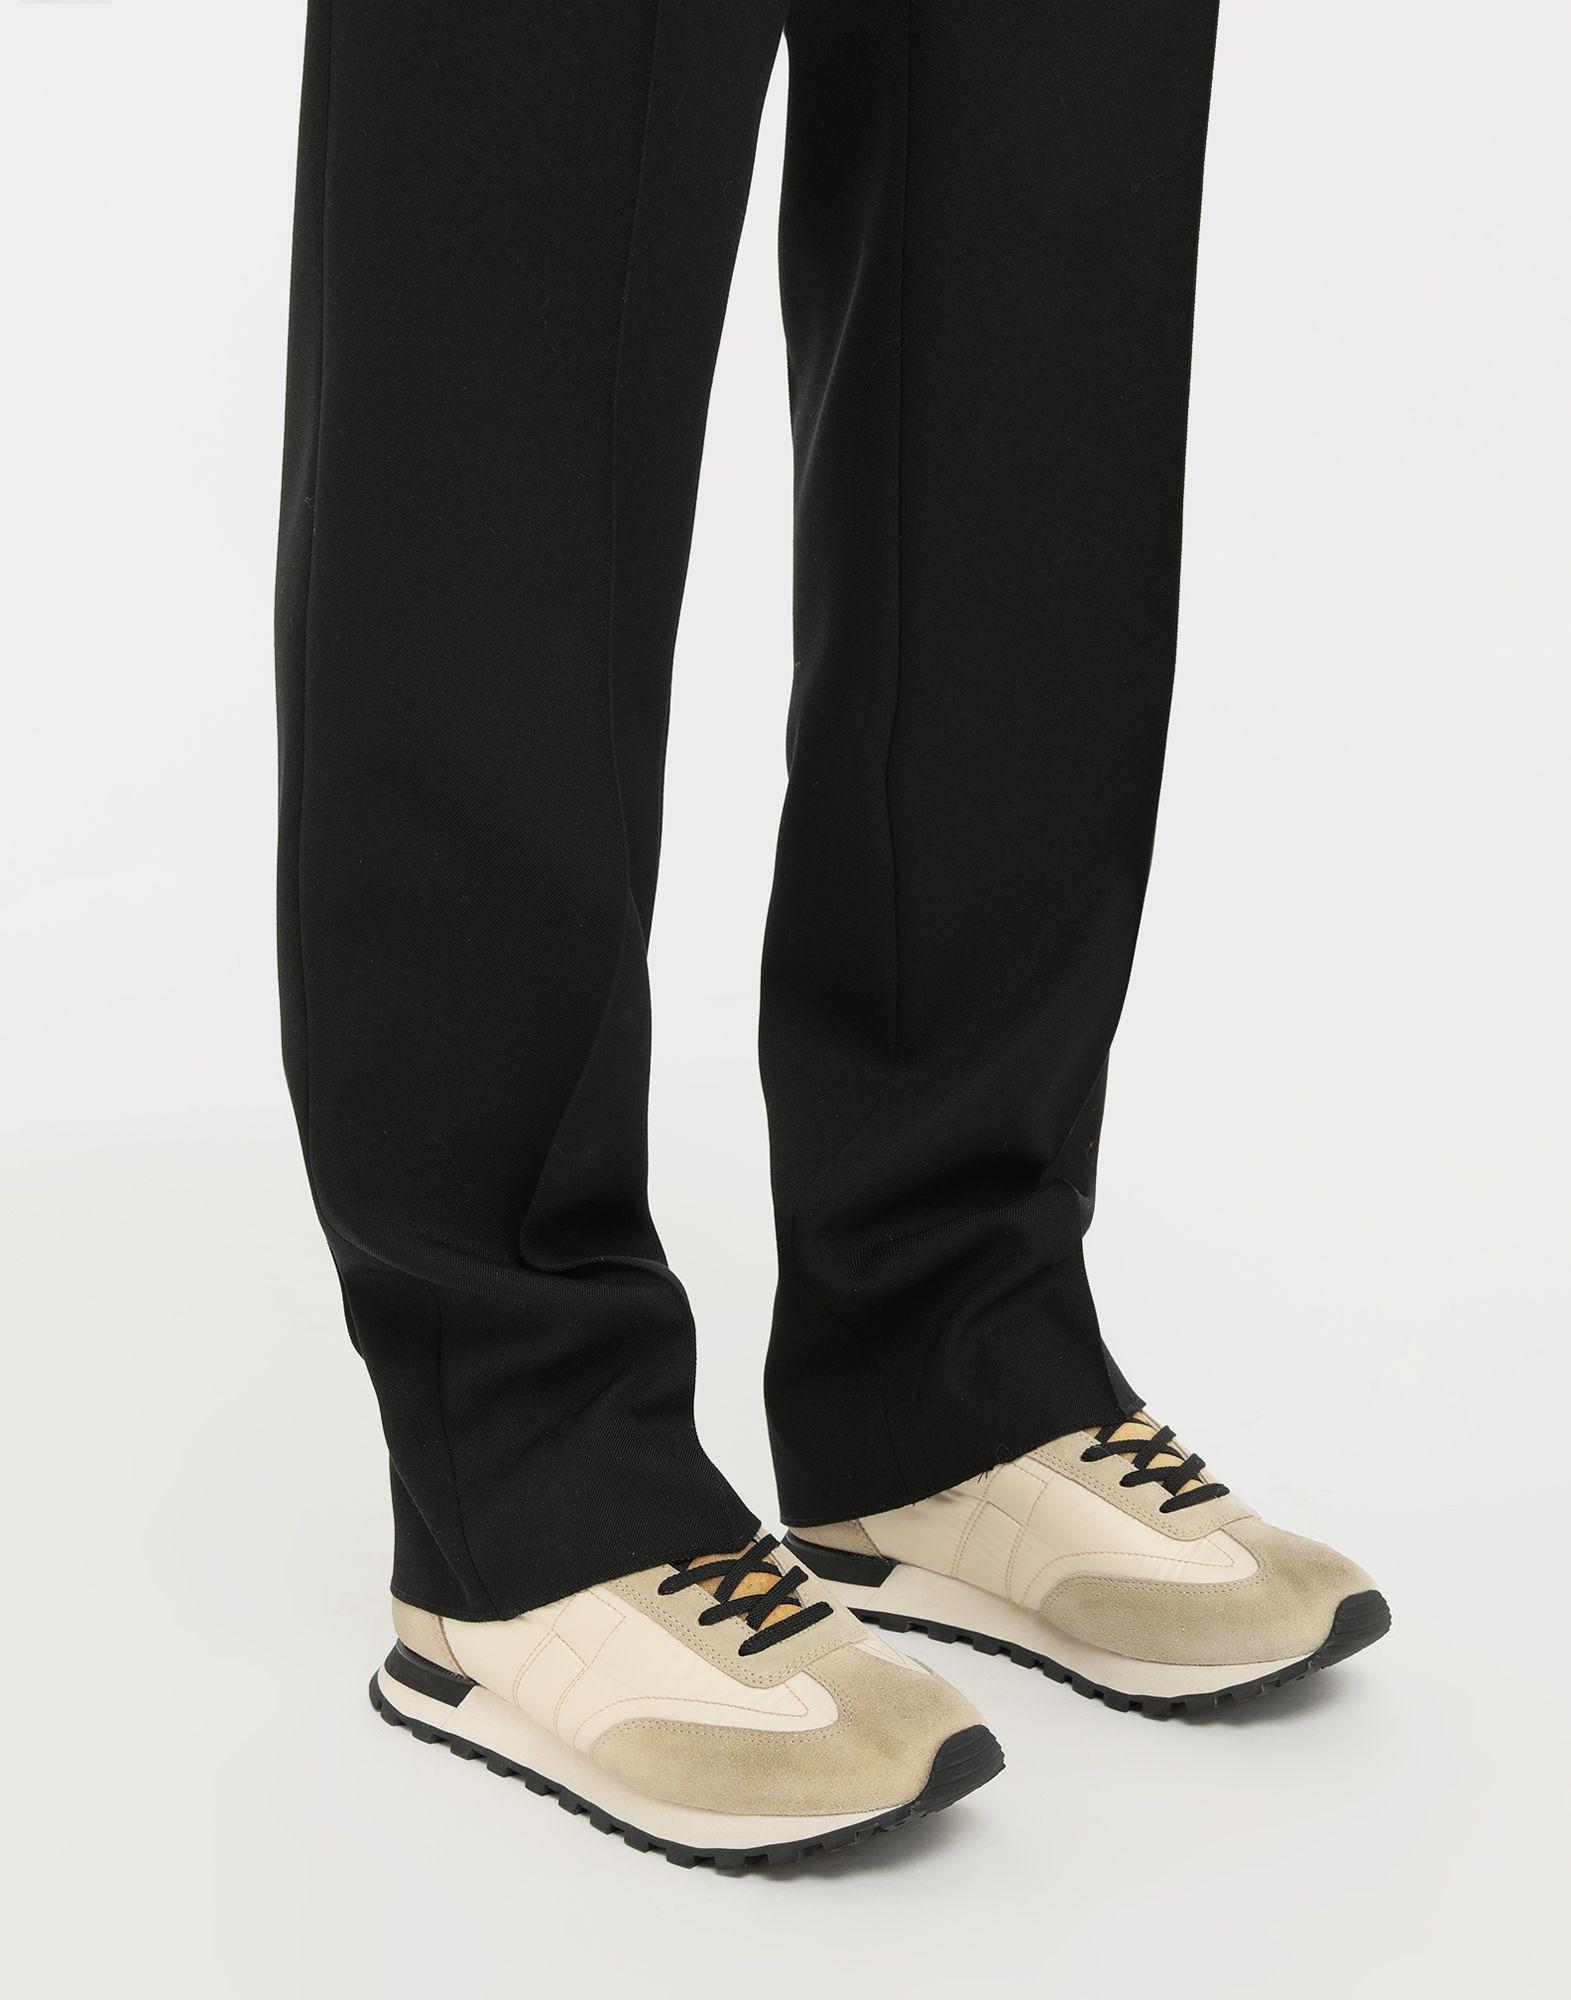 MAISON MARGIELA Low-Top-Sportschuhe in schmutziger Optik Sneakers Herren b